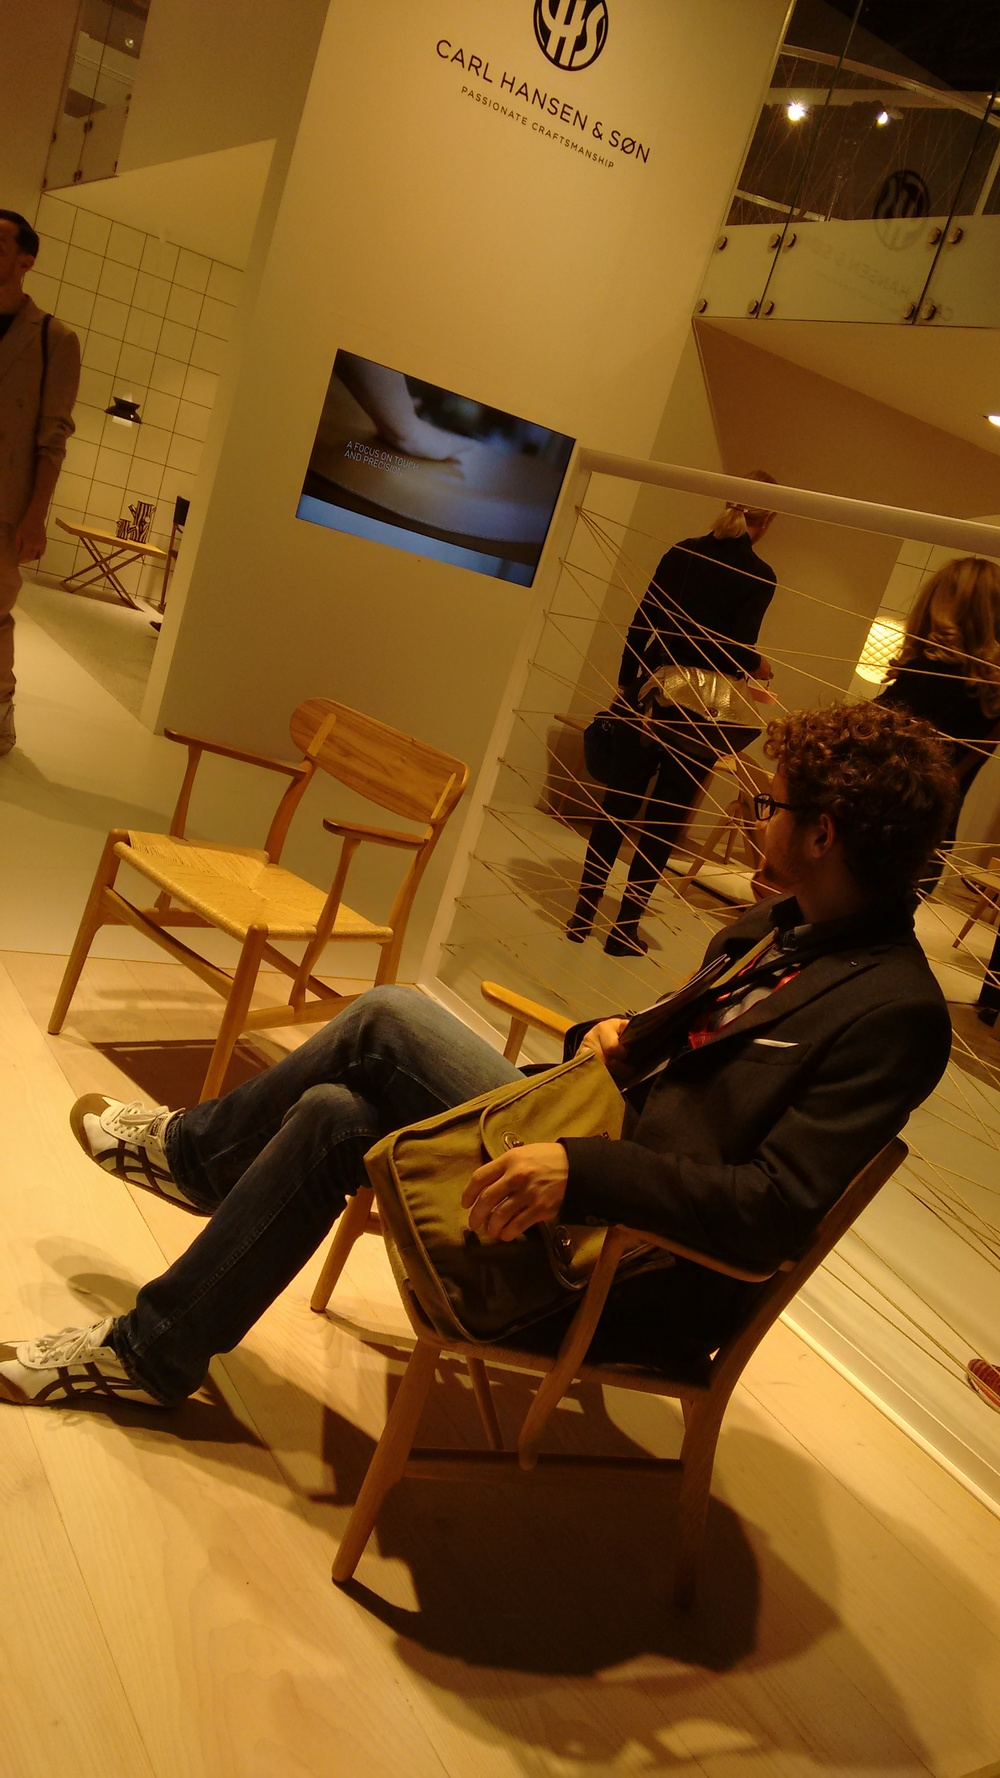 Carl Hansen & Sons recently released a design by Hans Wegner, CH26. Wegner is a personal hero of mine. /  Carl Hansen & Sons ha empezado a producir un diseño de Wegner, la silla CH26. Wegner es mi mayor referente como diseñador.